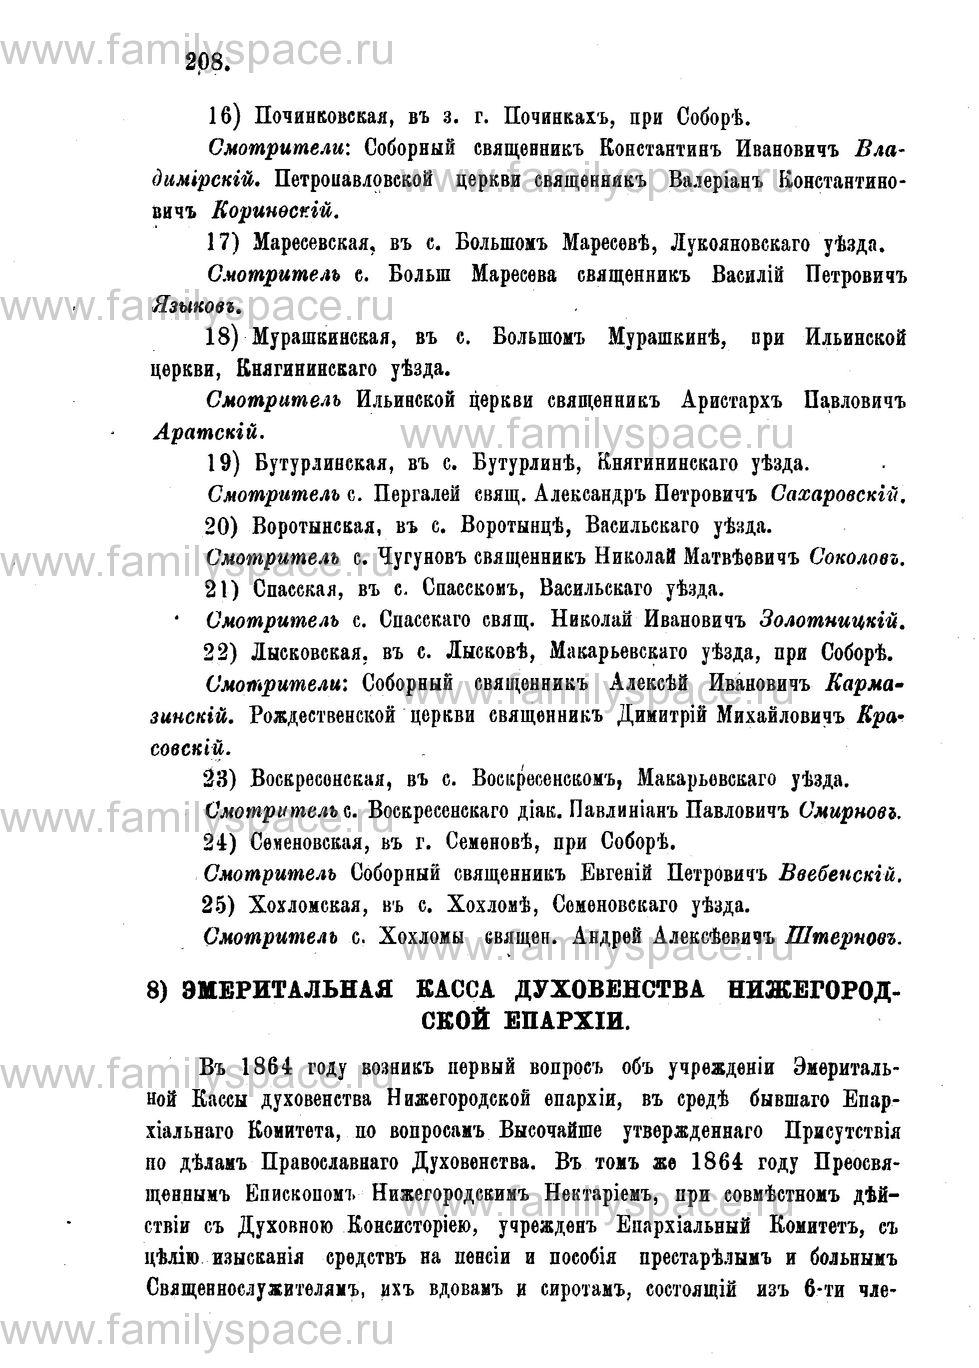 Поиск по фамилии - Адрес-календарь Нижегородской епархии на 1888 год, страница 1208